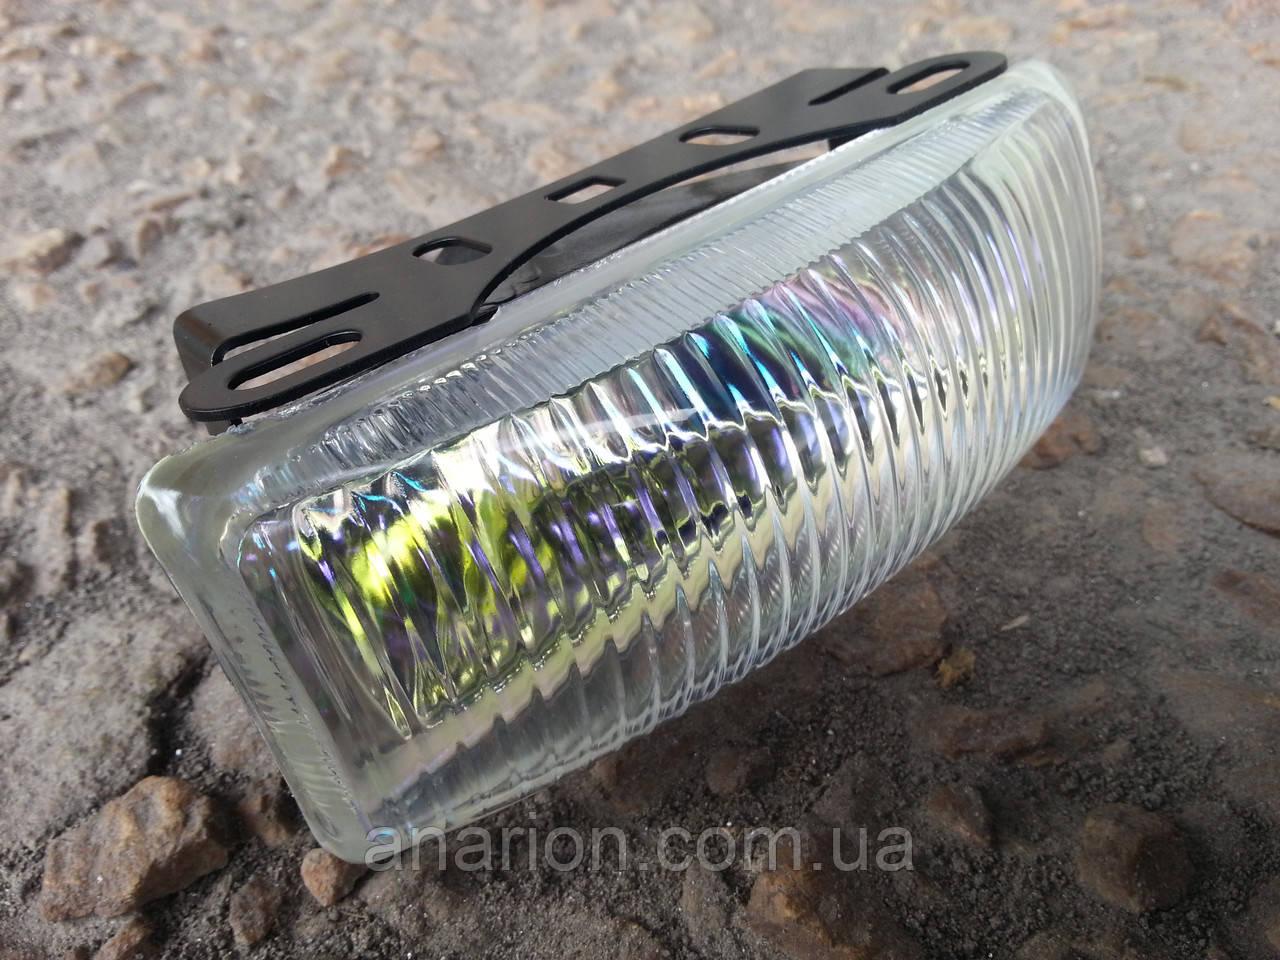 Противотуманные фары №0201 (кристалл) с ребристым стеклом.